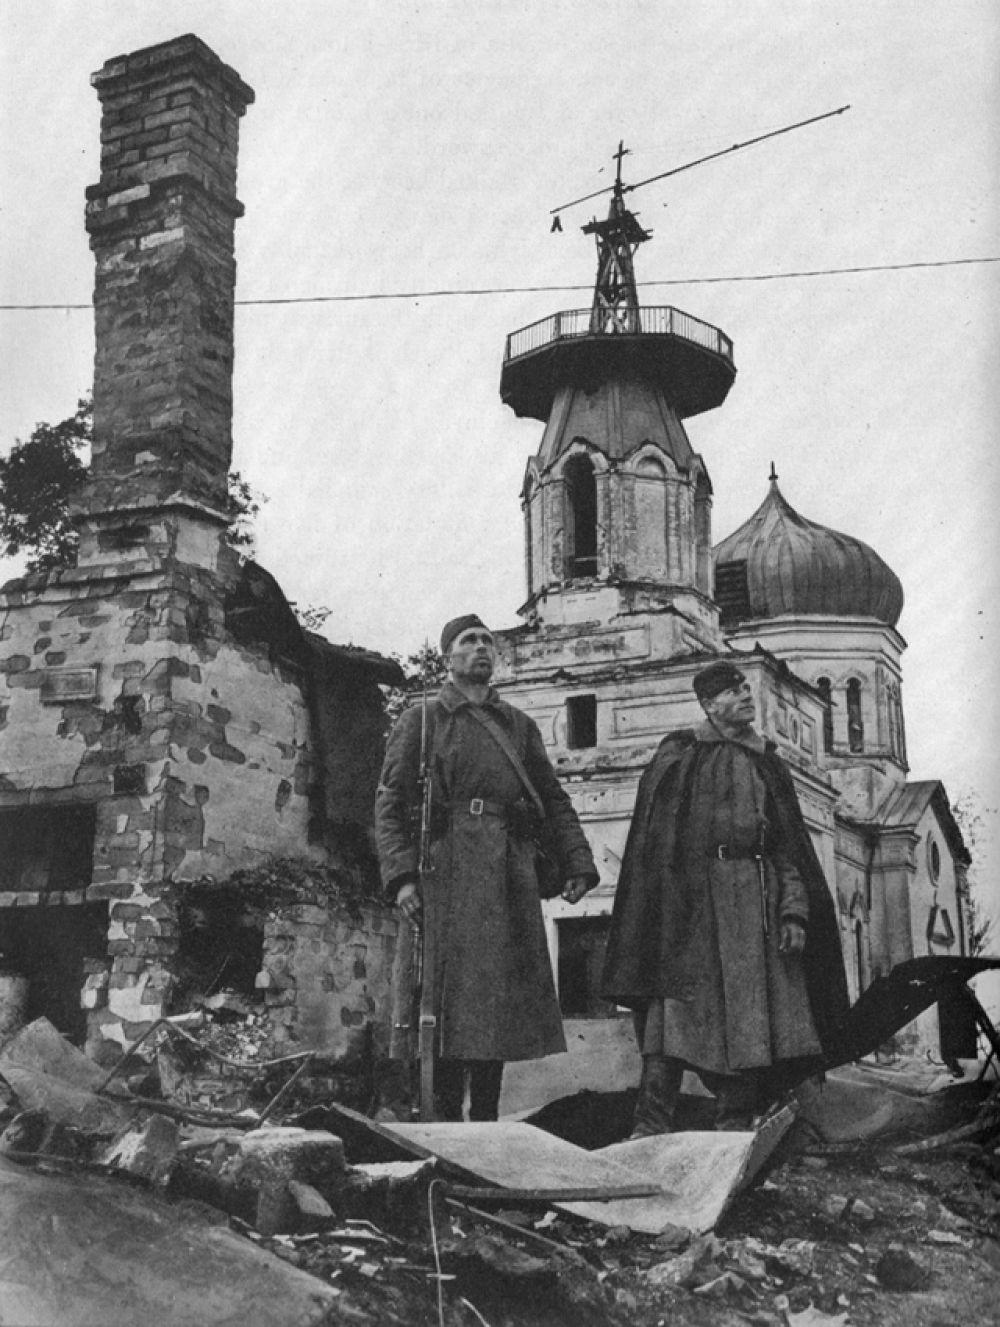 Она была единственным иностранным фотографом, который присутствовал в Москве во время нападения Германии.